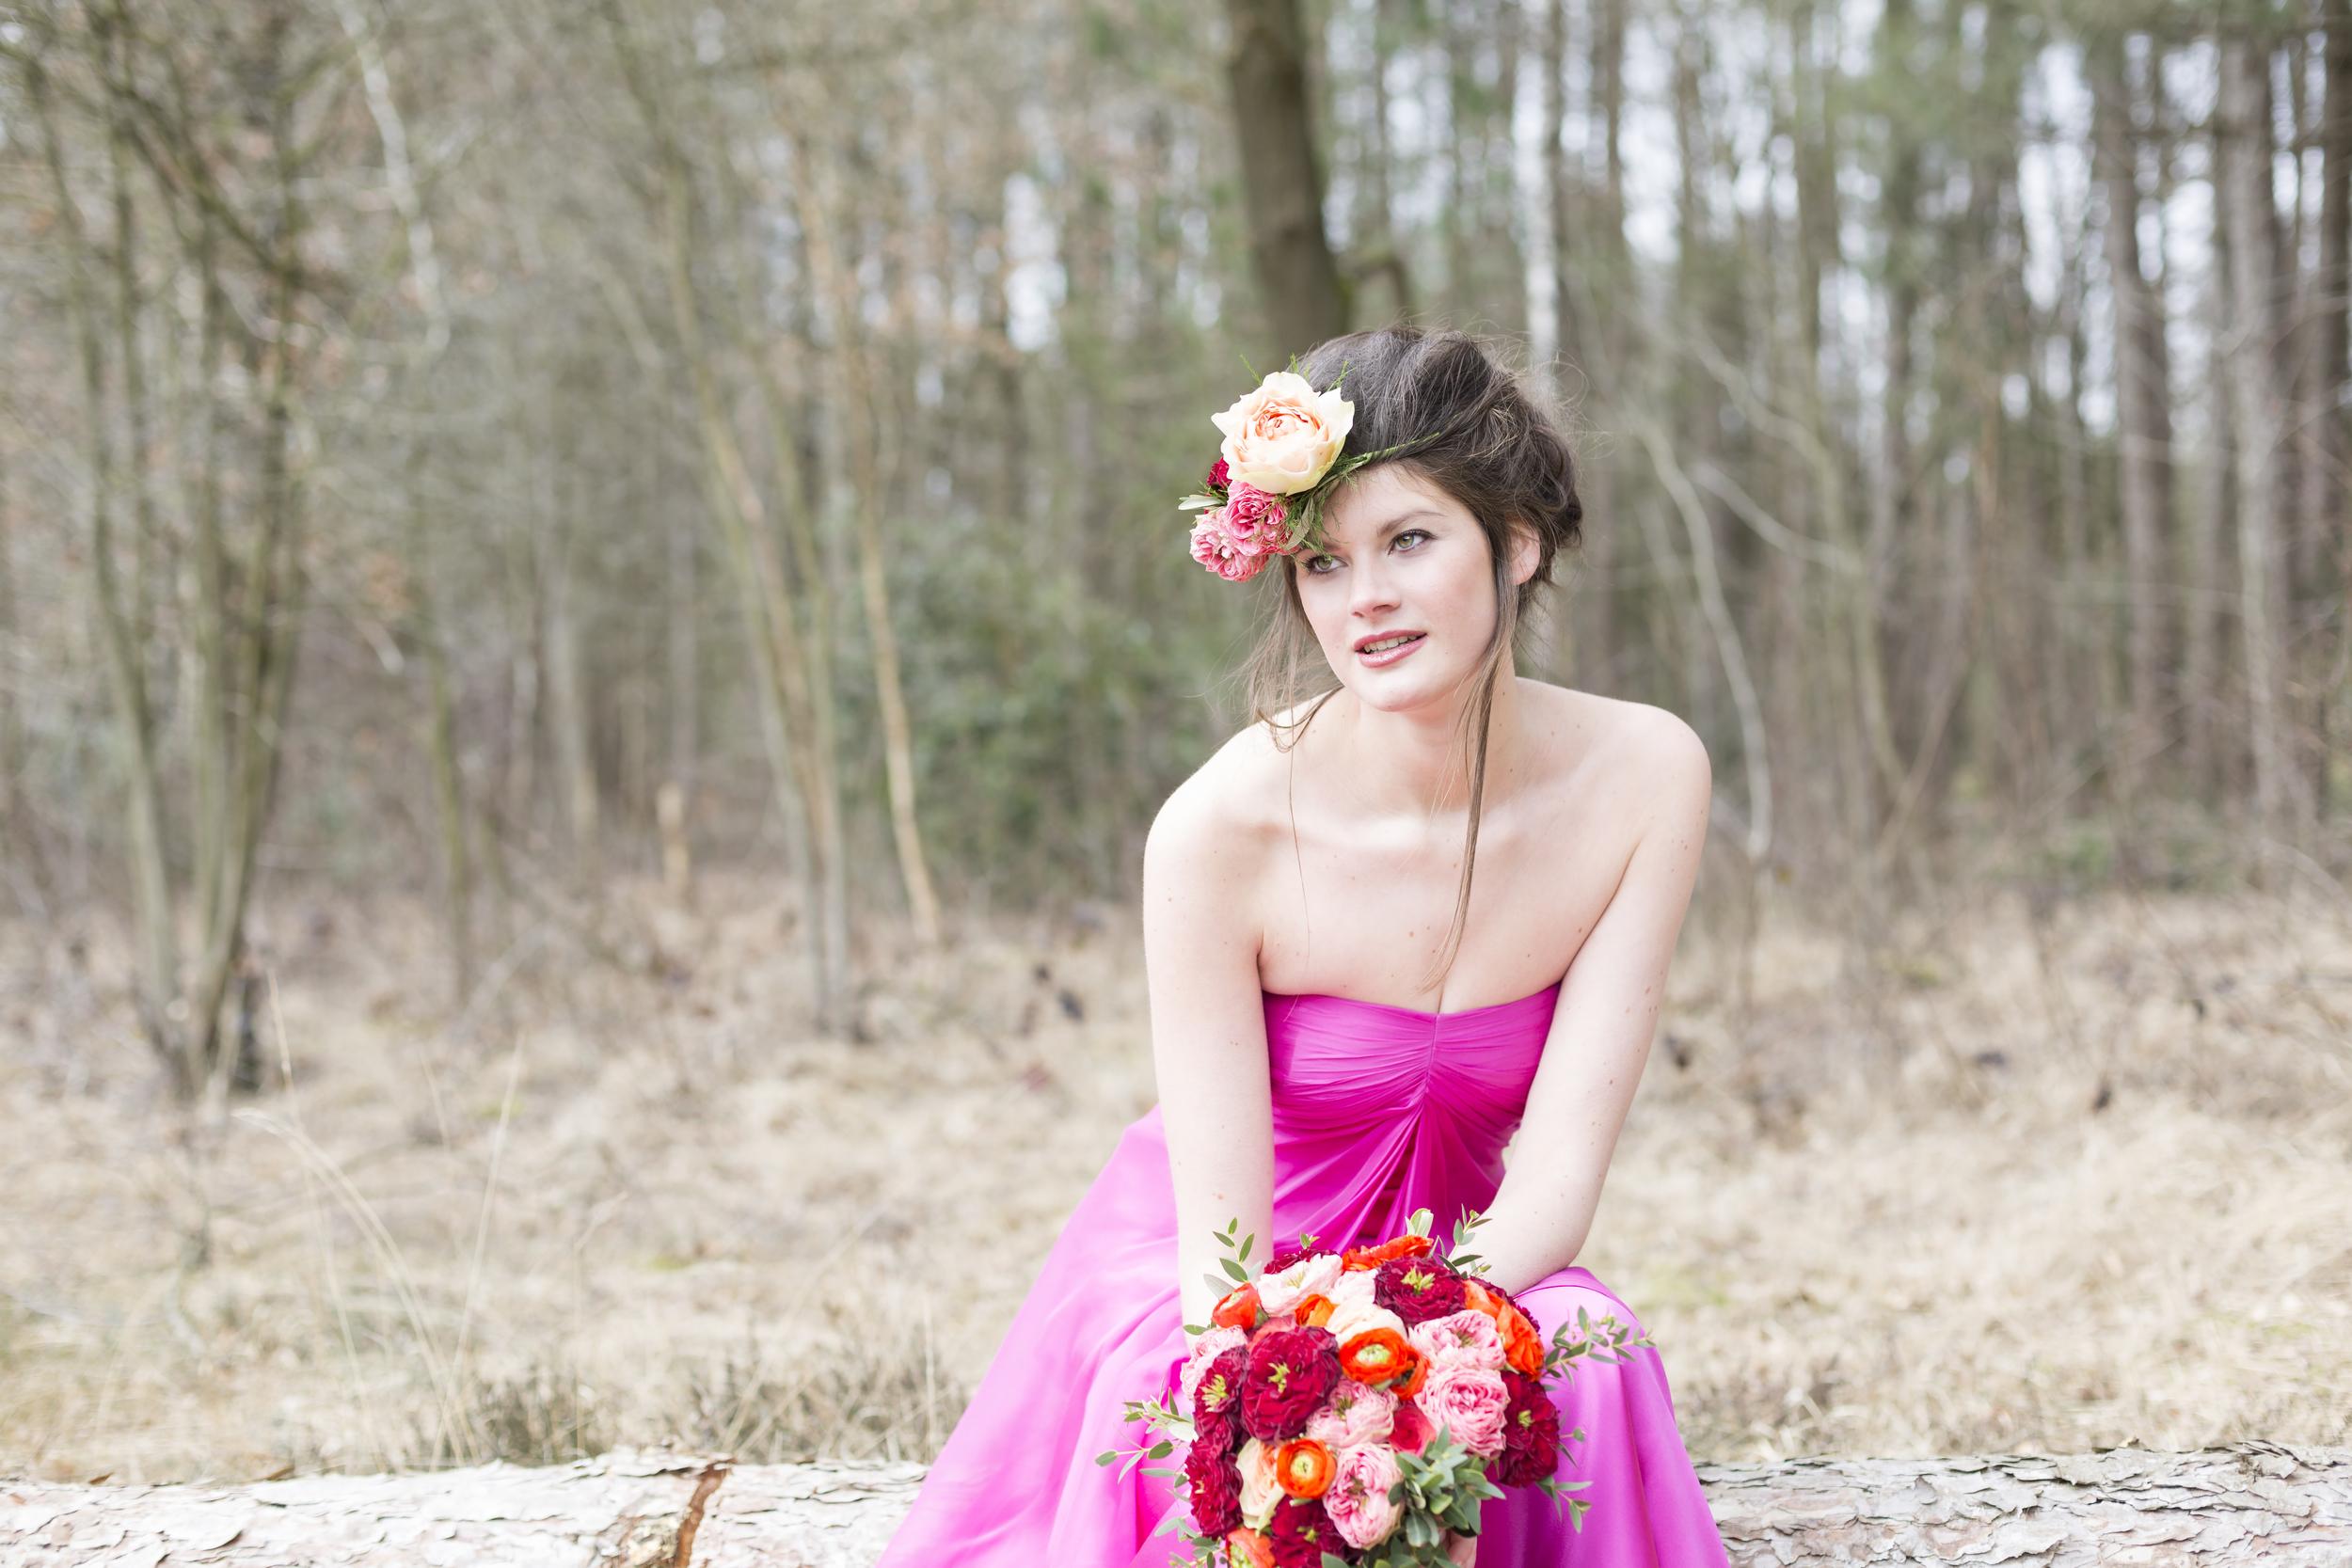 Bruidsbloemwerk - Degrootebloemen.be